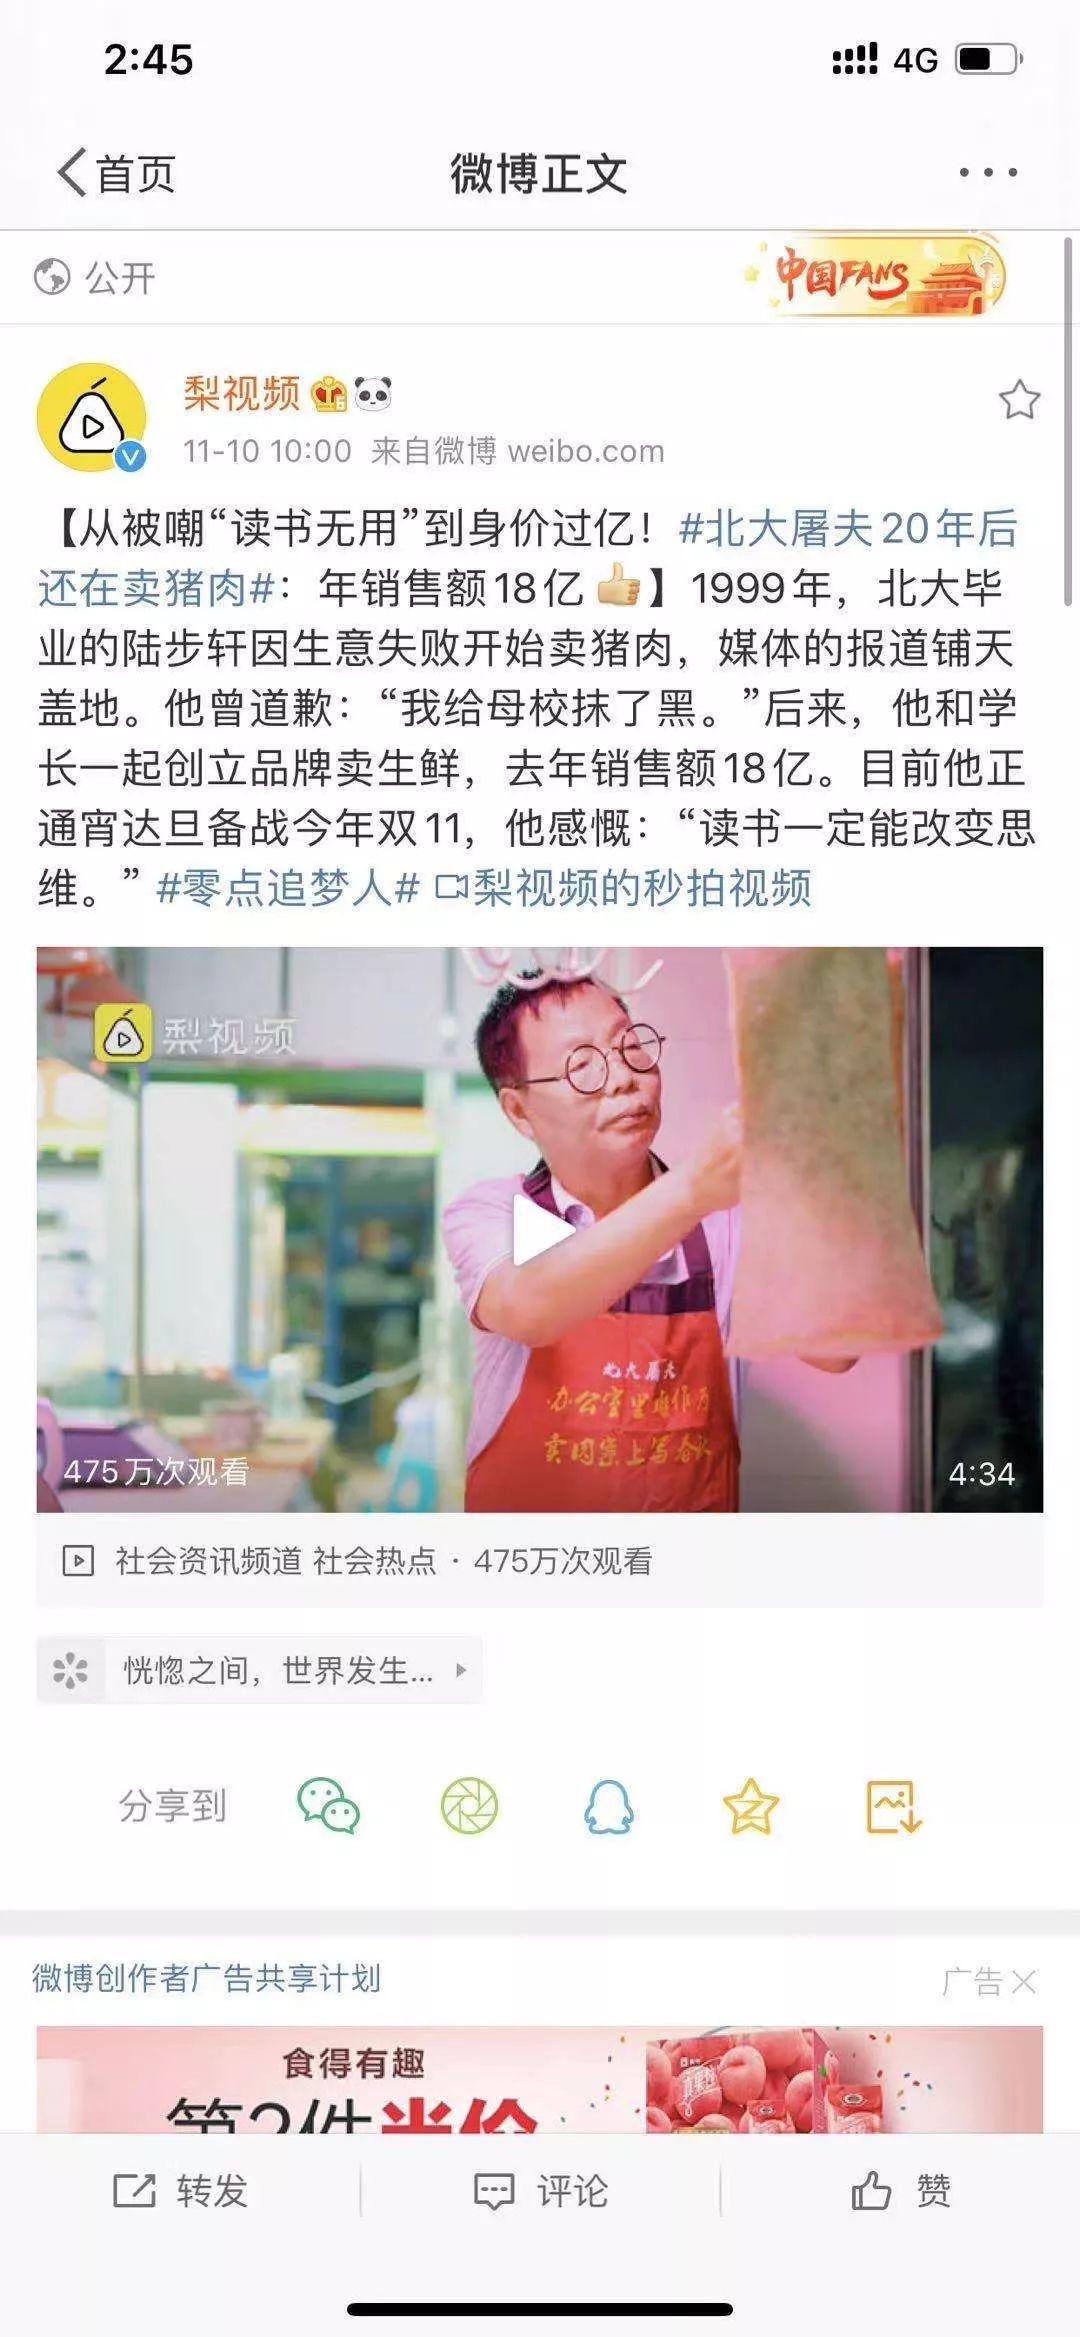 香港一级毛片赌场|江西银行公开发售股份认购不足 预期6月26日港股上市